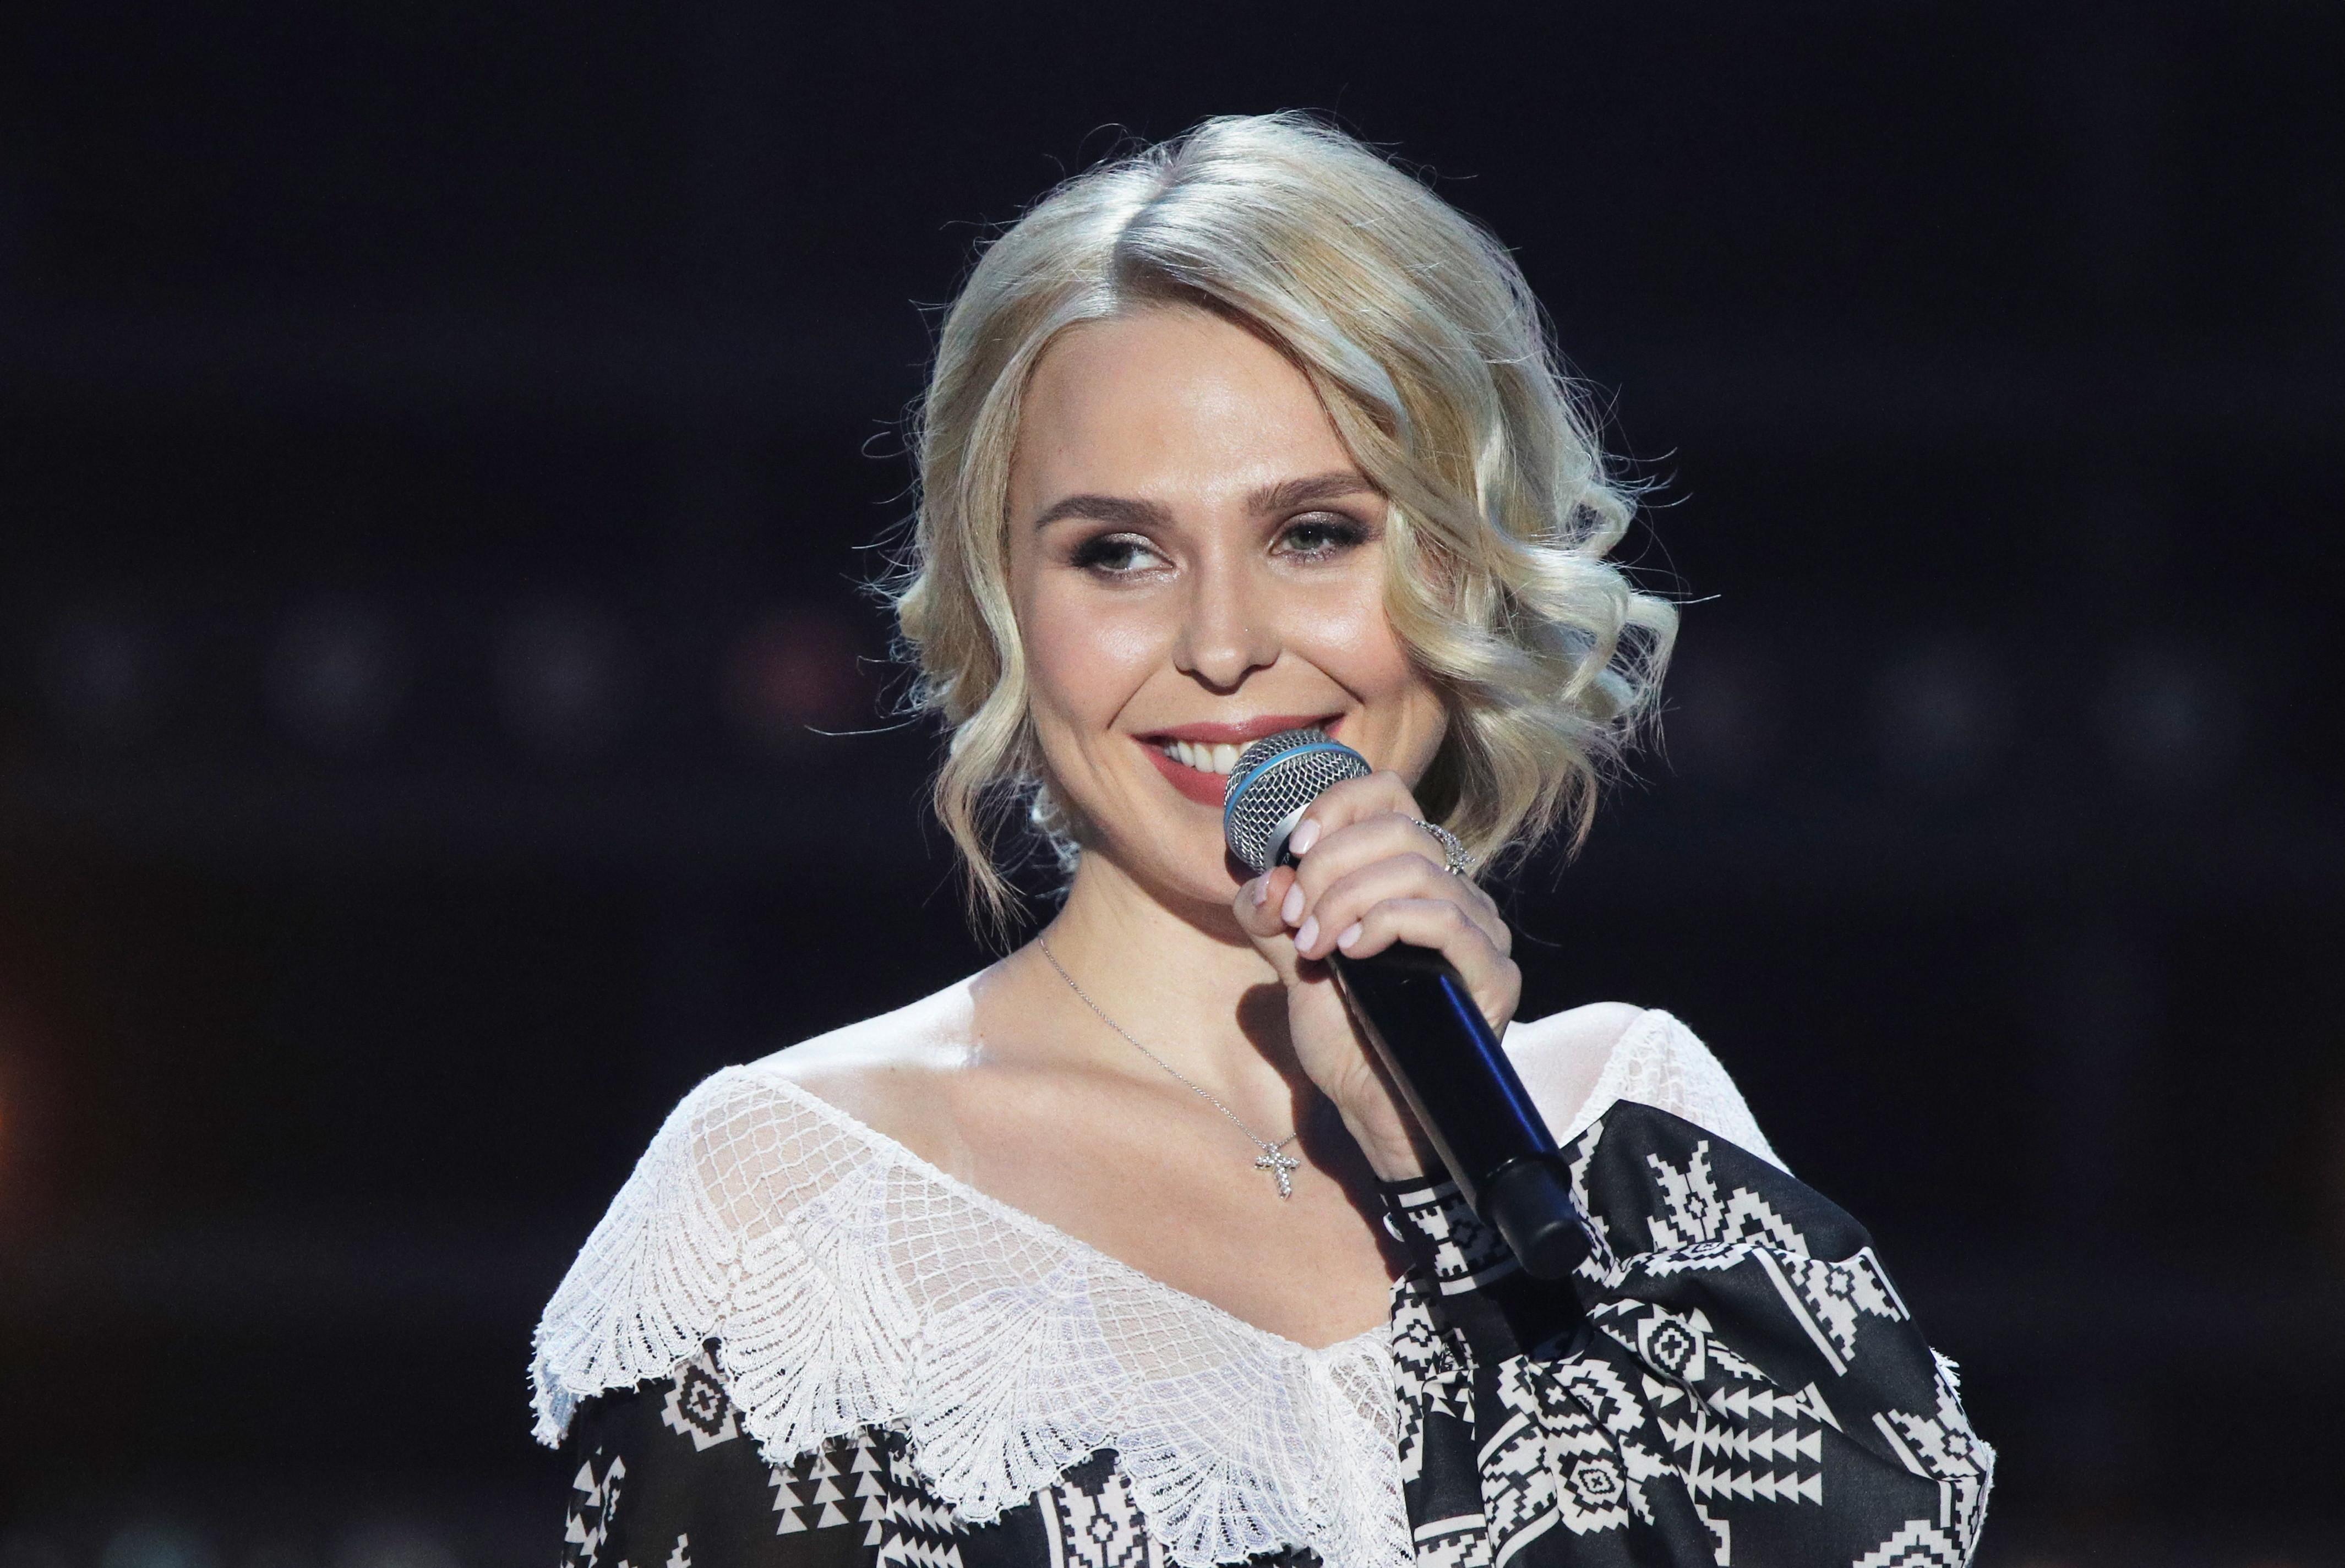 Пелагея прокомментировала слухи о разделе имущества с мужем